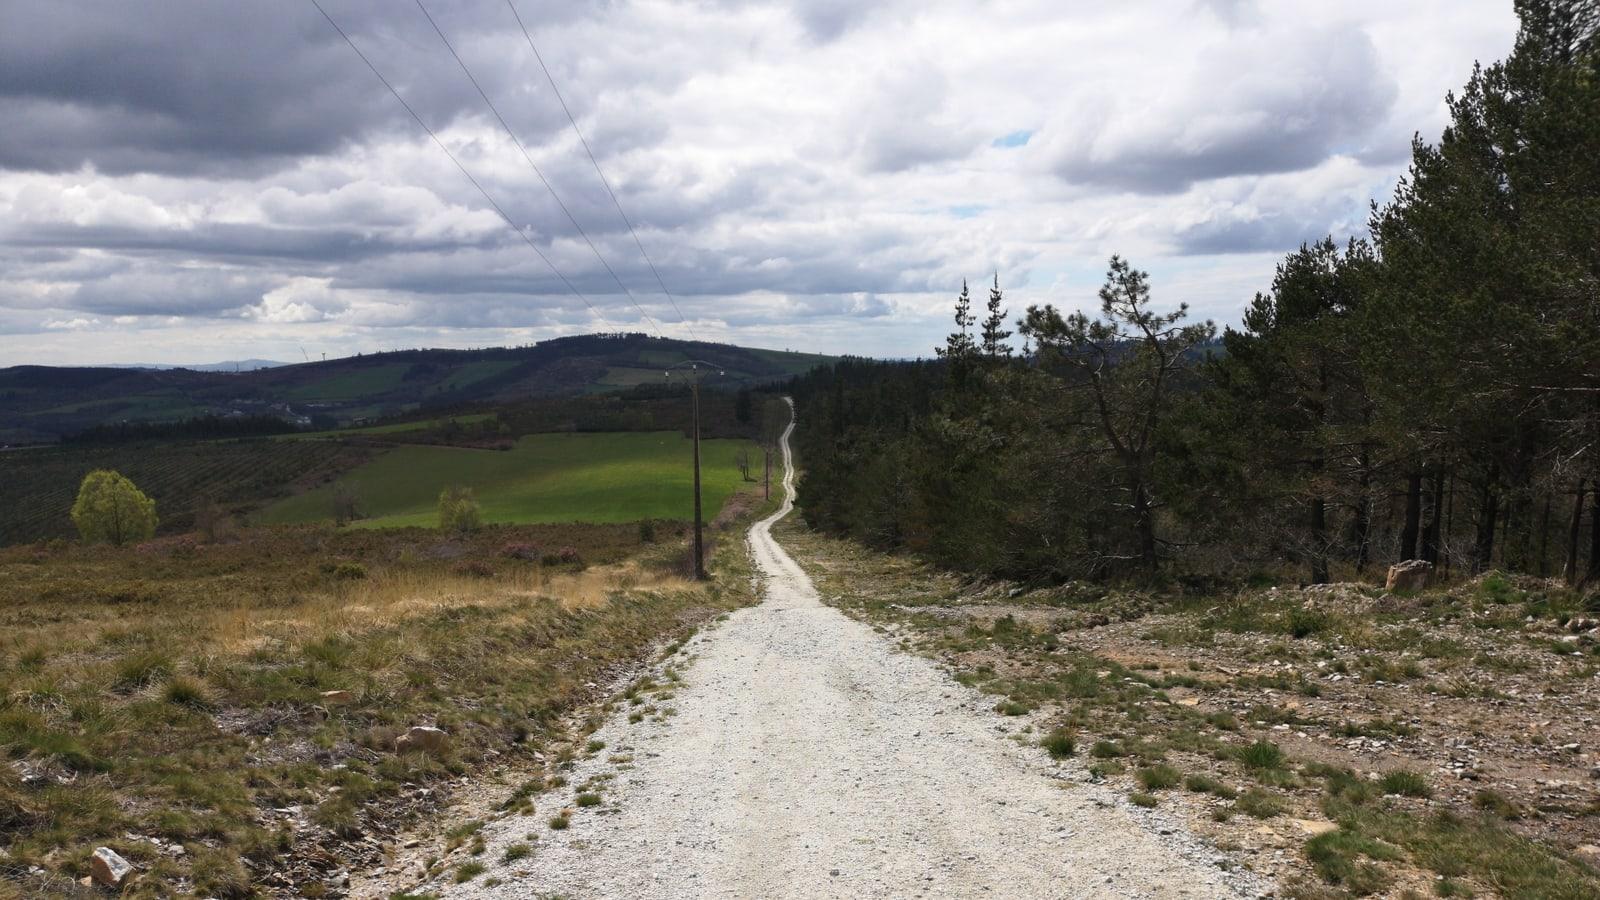 Endlos lang schlängelt sich der Camino Primitivo durch die Landschaft, schön und idyllisch ist es hier und wir wissen wieder, warum wir uns das hier antun.